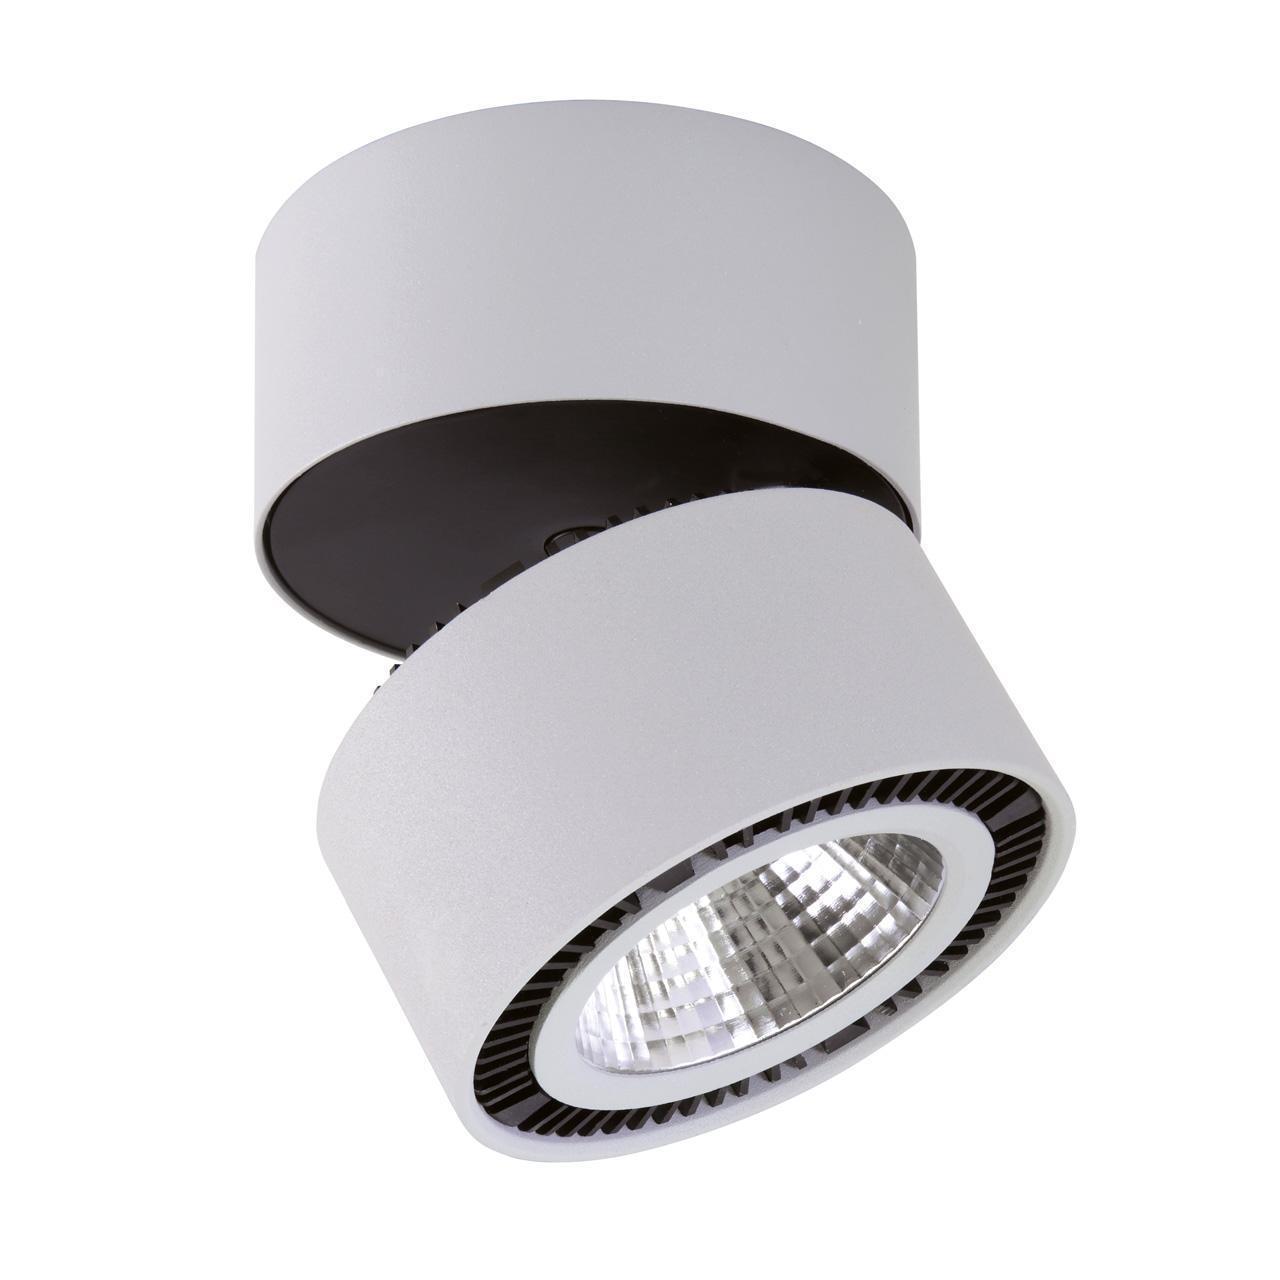 Потолочный светодиодный светильник Lightstar Forte Muro 213839 потолочный светодиодный светильник lightstar forte muro 214839